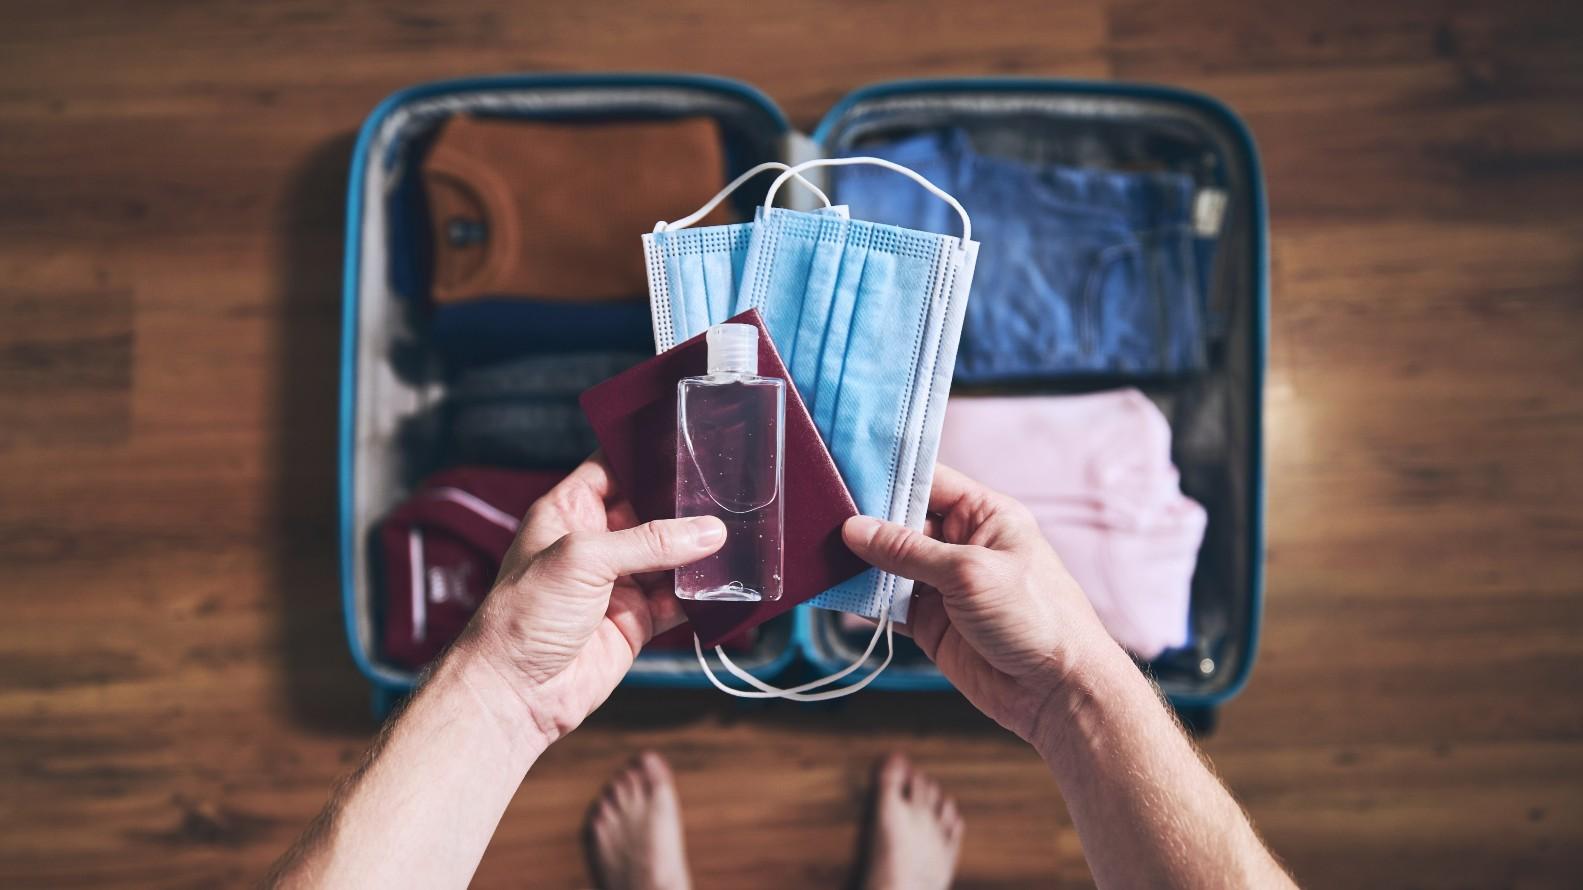 Cosas que no pueden faltar en la maleta Foto JT ASTK